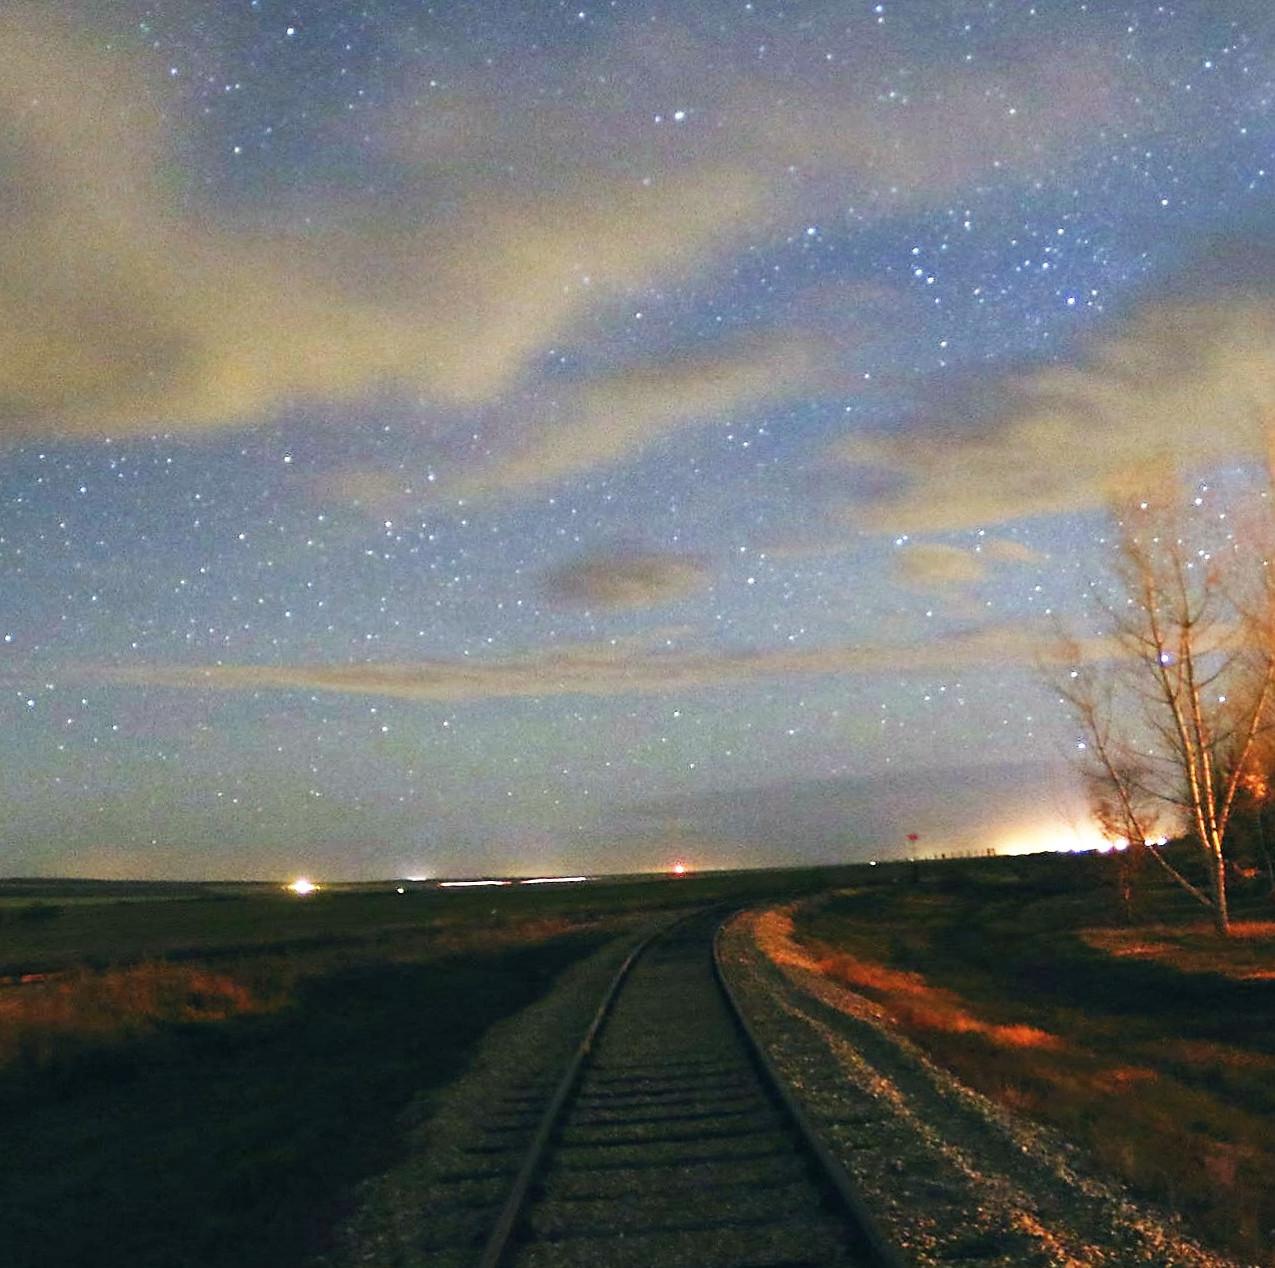 Aspen Crossing Twilight - Image Will Dwyer